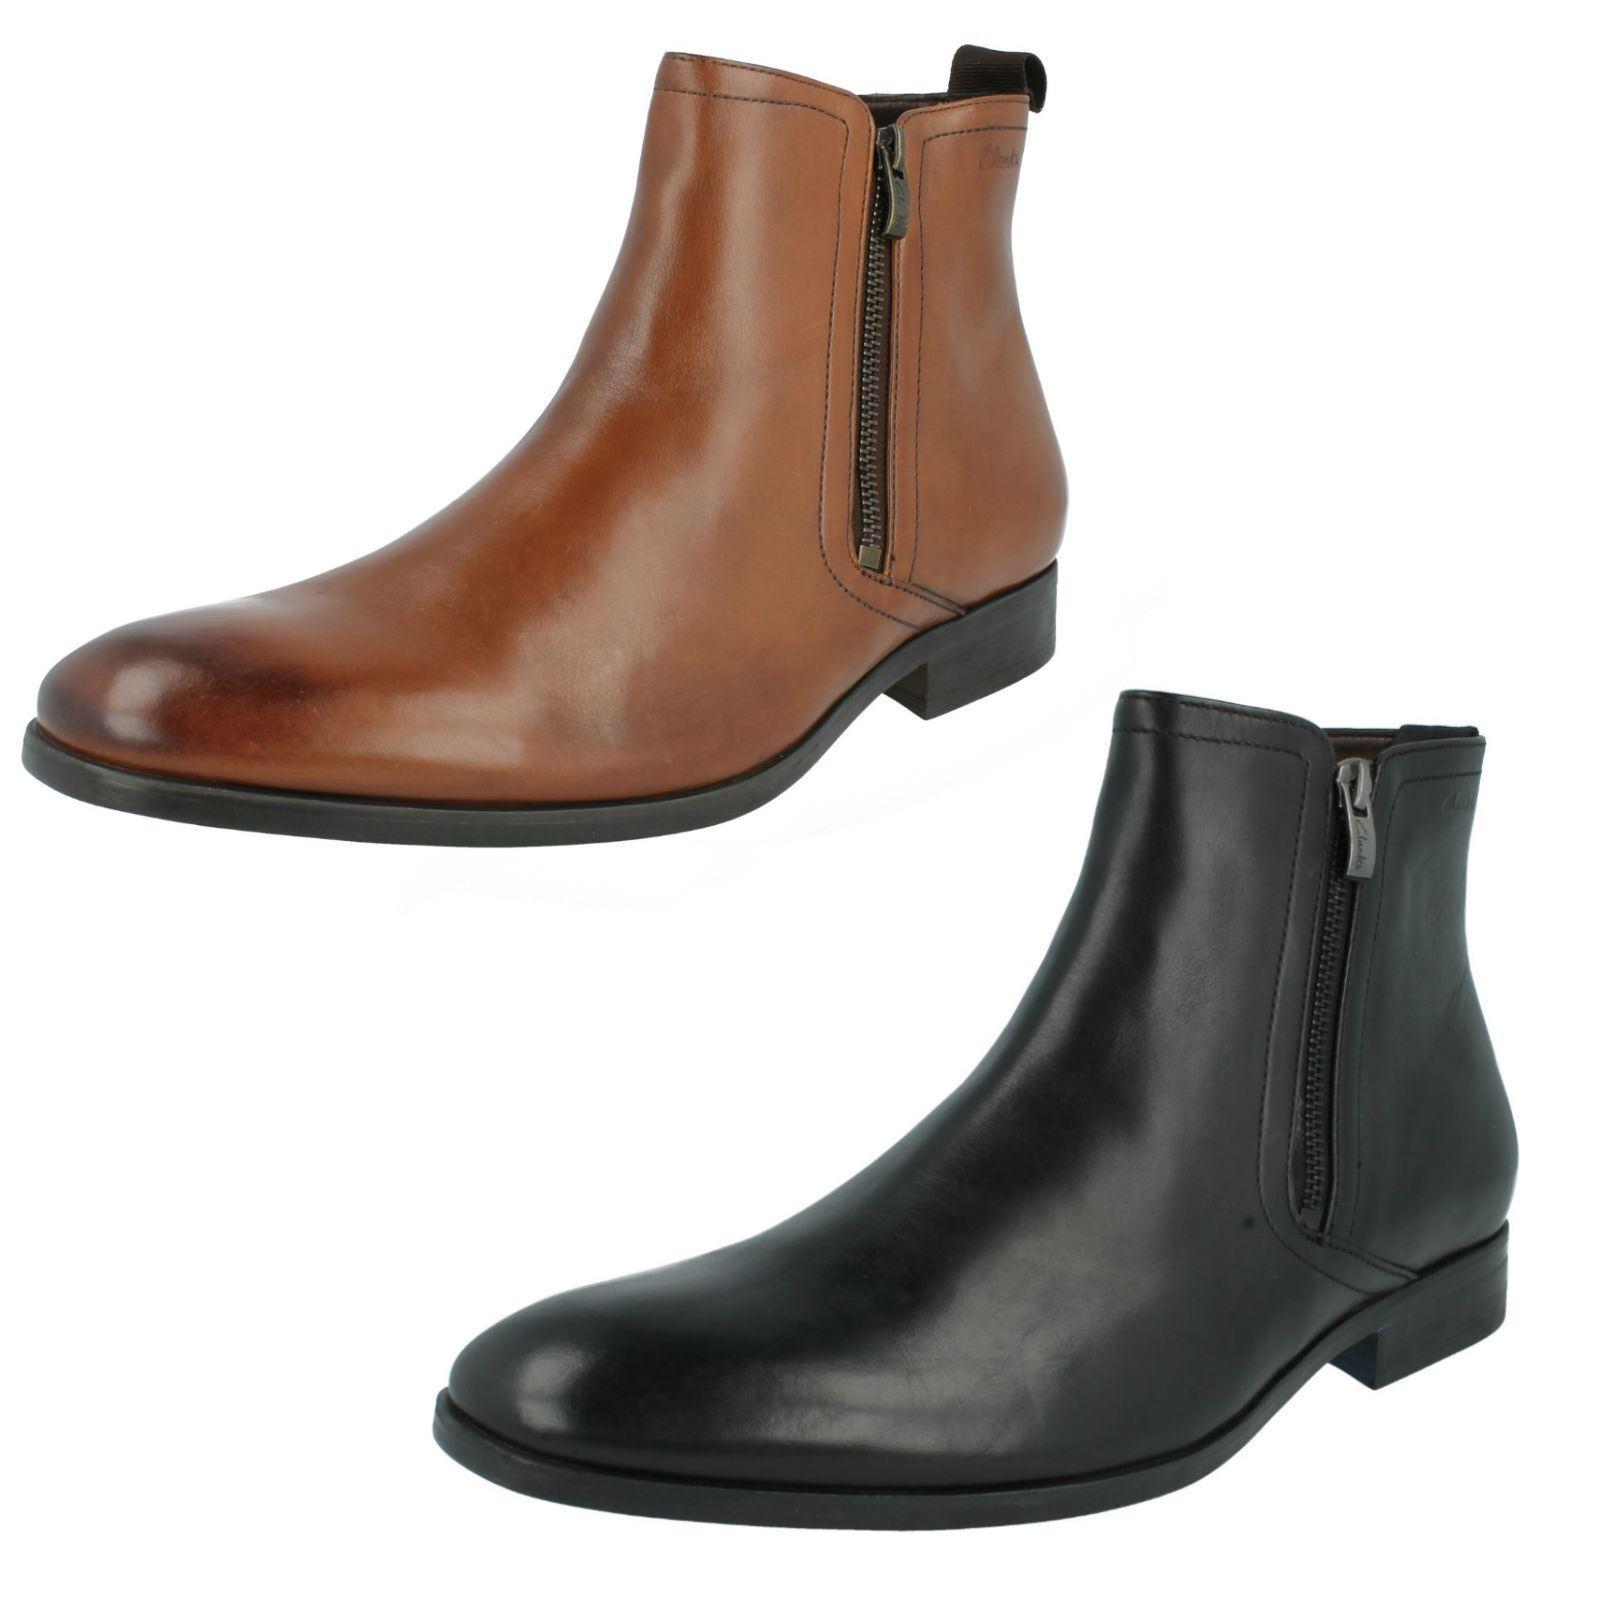 Clarks Da Uomo ** Banfield ZIP Wlined Stivali ** 10 confortevole & Flessibile /US 10 ** a9299c